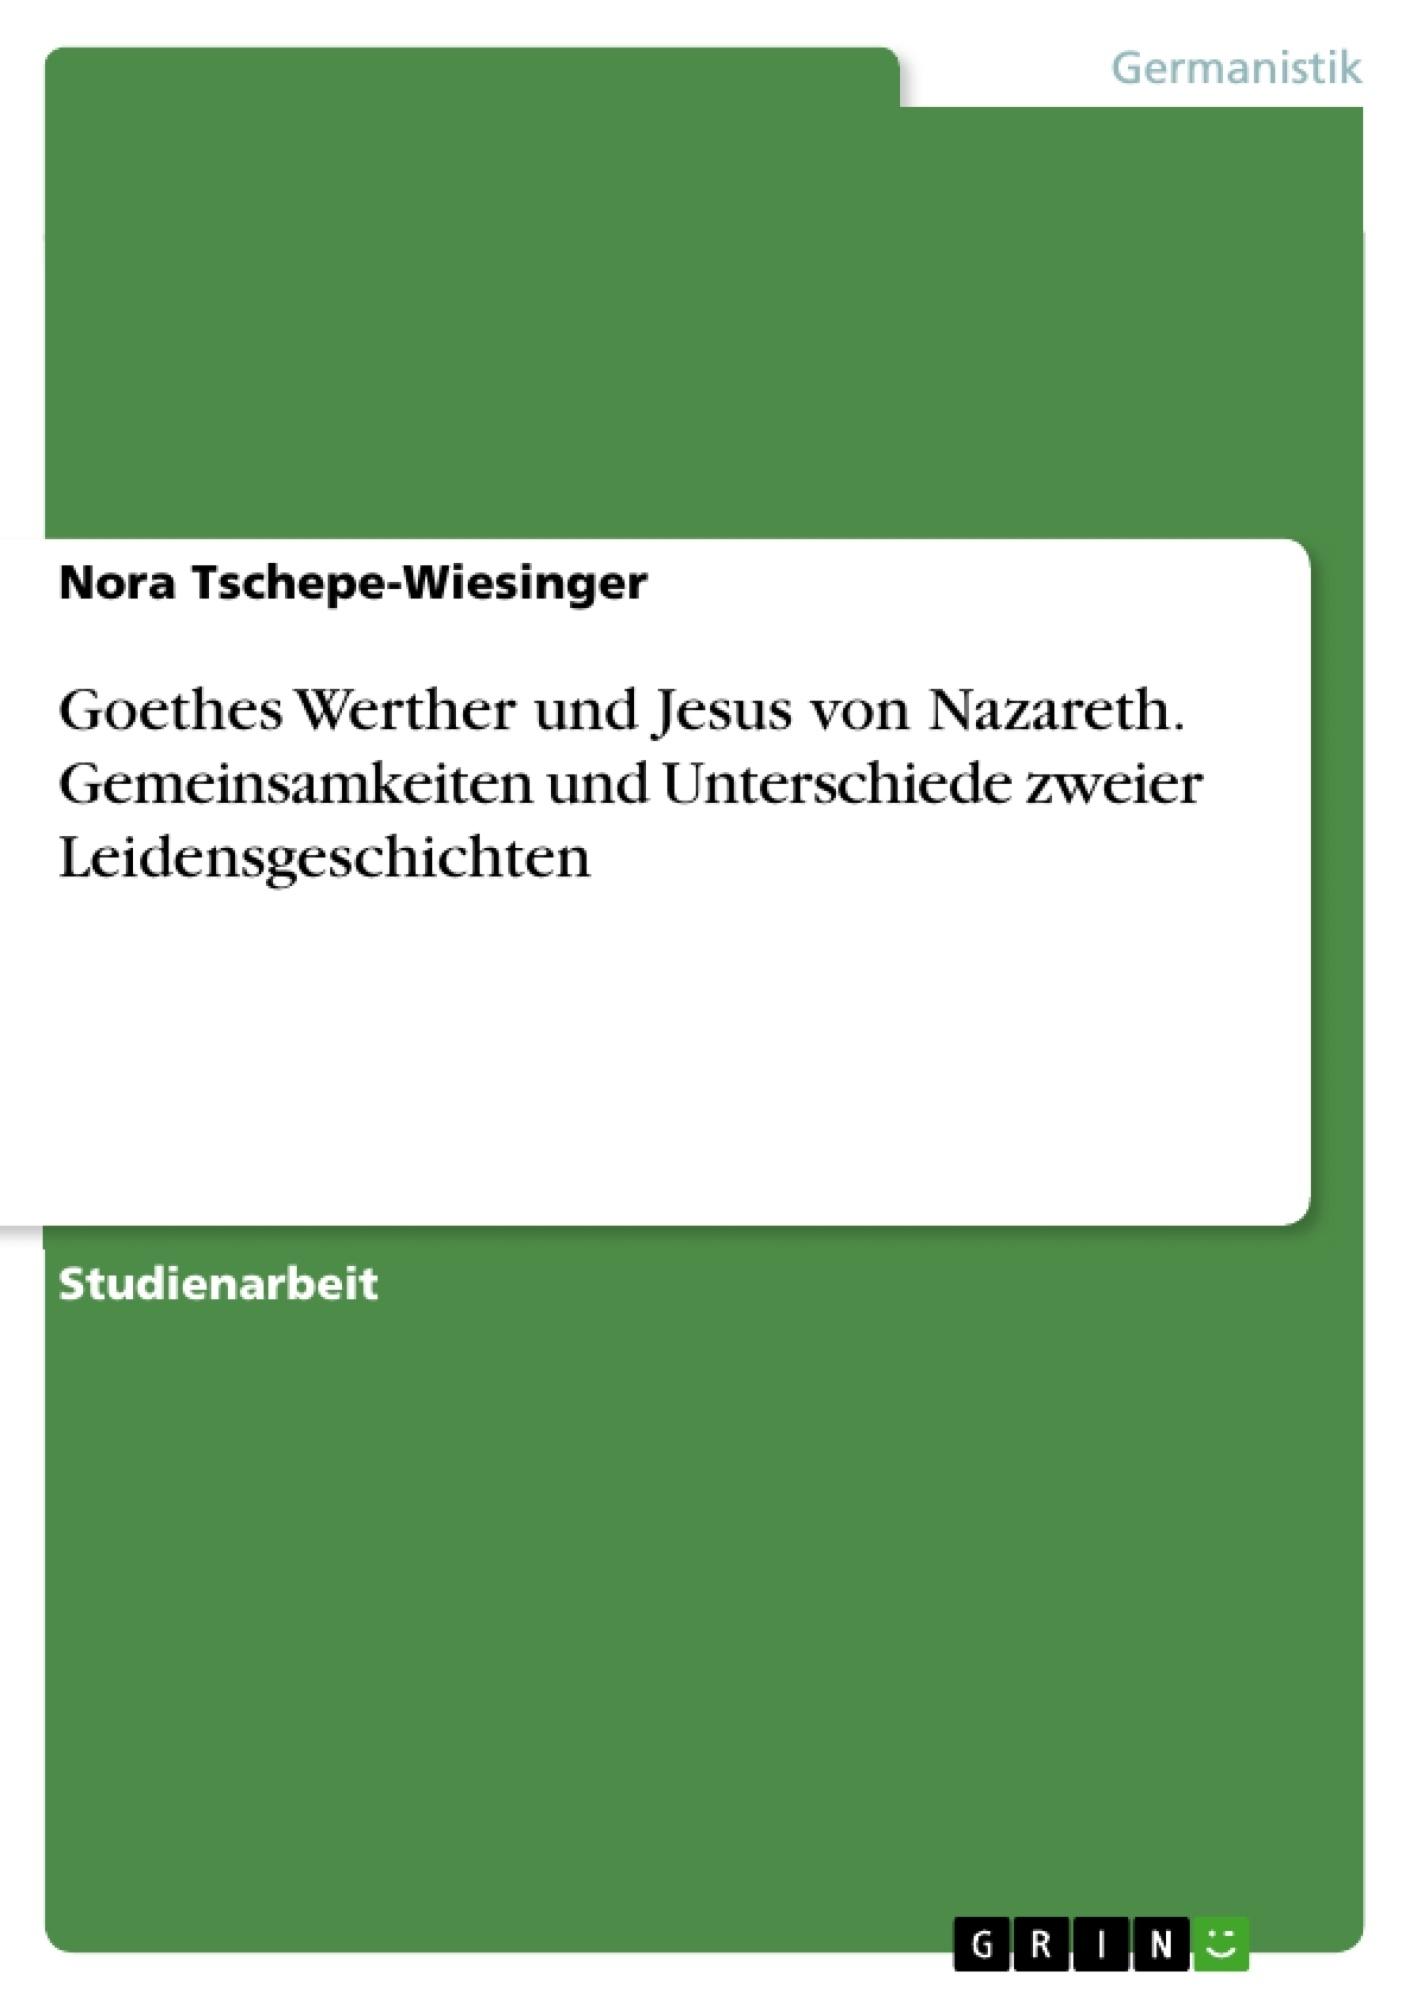 Titel: Goethes Werther und Jesus von Nazareth. Gemeinsamkeiten und Unterschiede zweier Leidensgeschichten